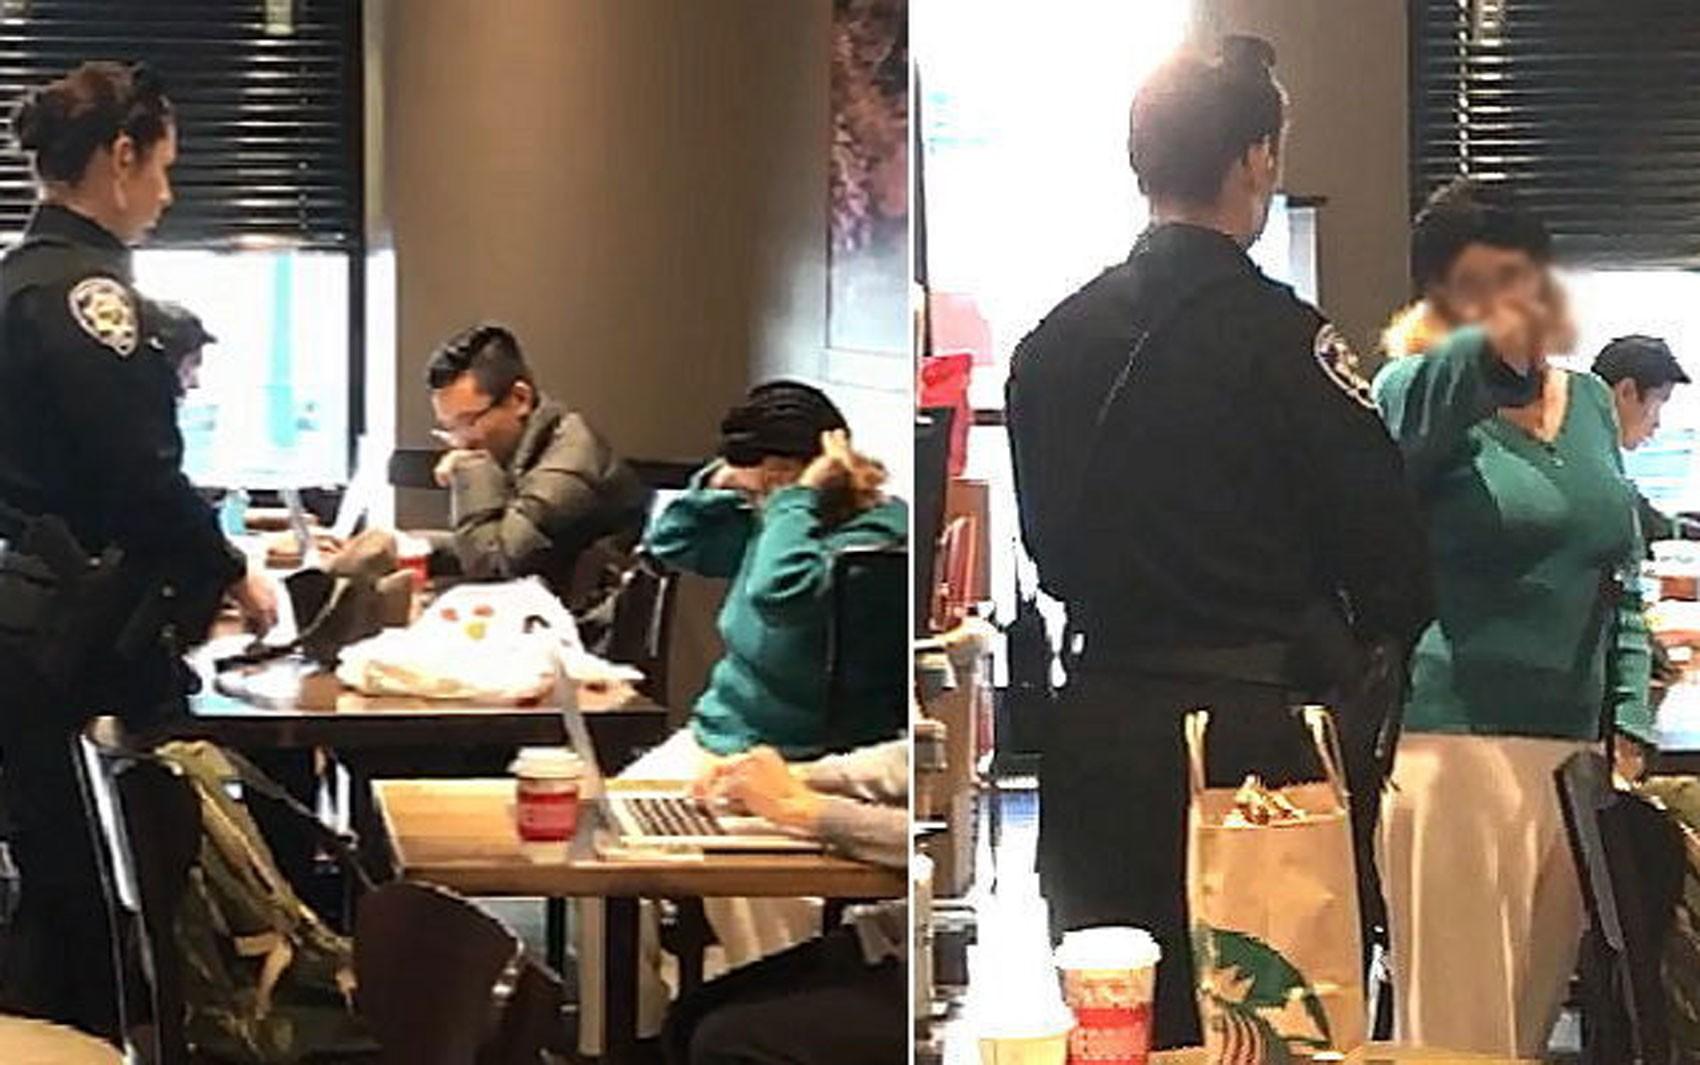 Mulher é expulsa de café nos EUA após ofender jovem que falava coreano; assista